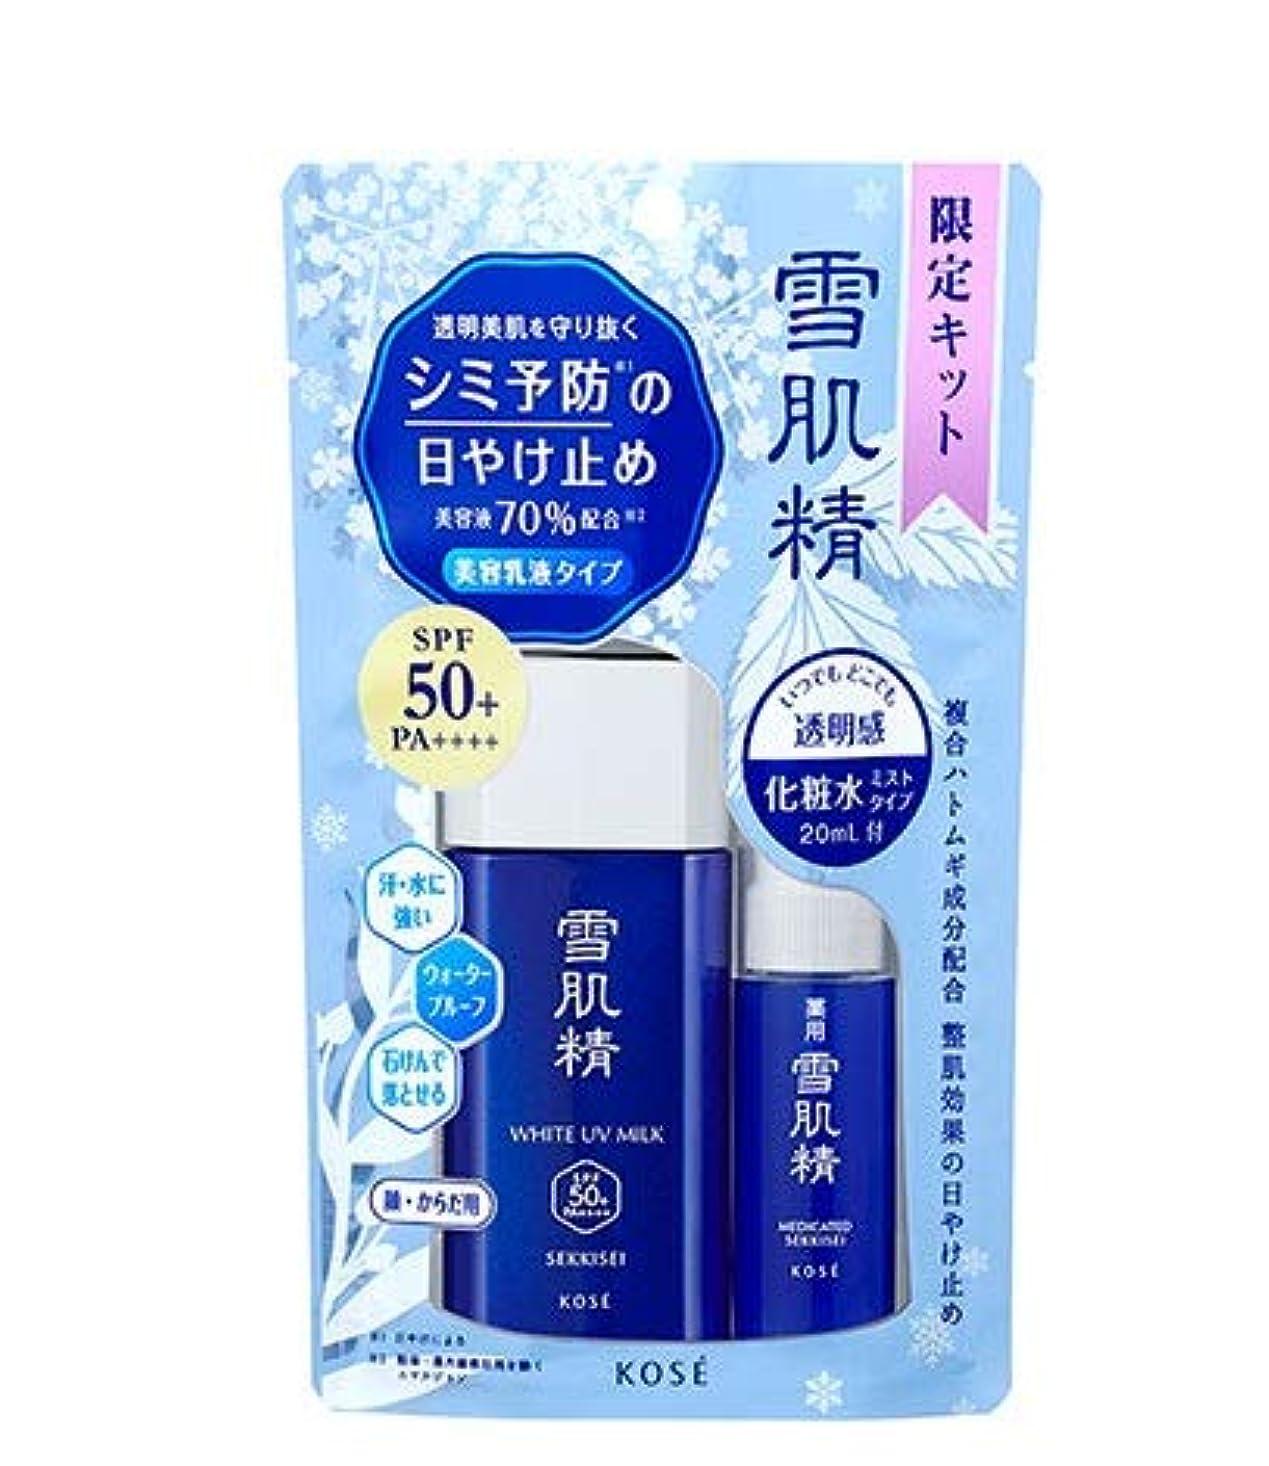 スペクトラムオンス突き刺す☆限定品☆ コーセー KOSE 雪肌精 ホワイト UV ミルク キット